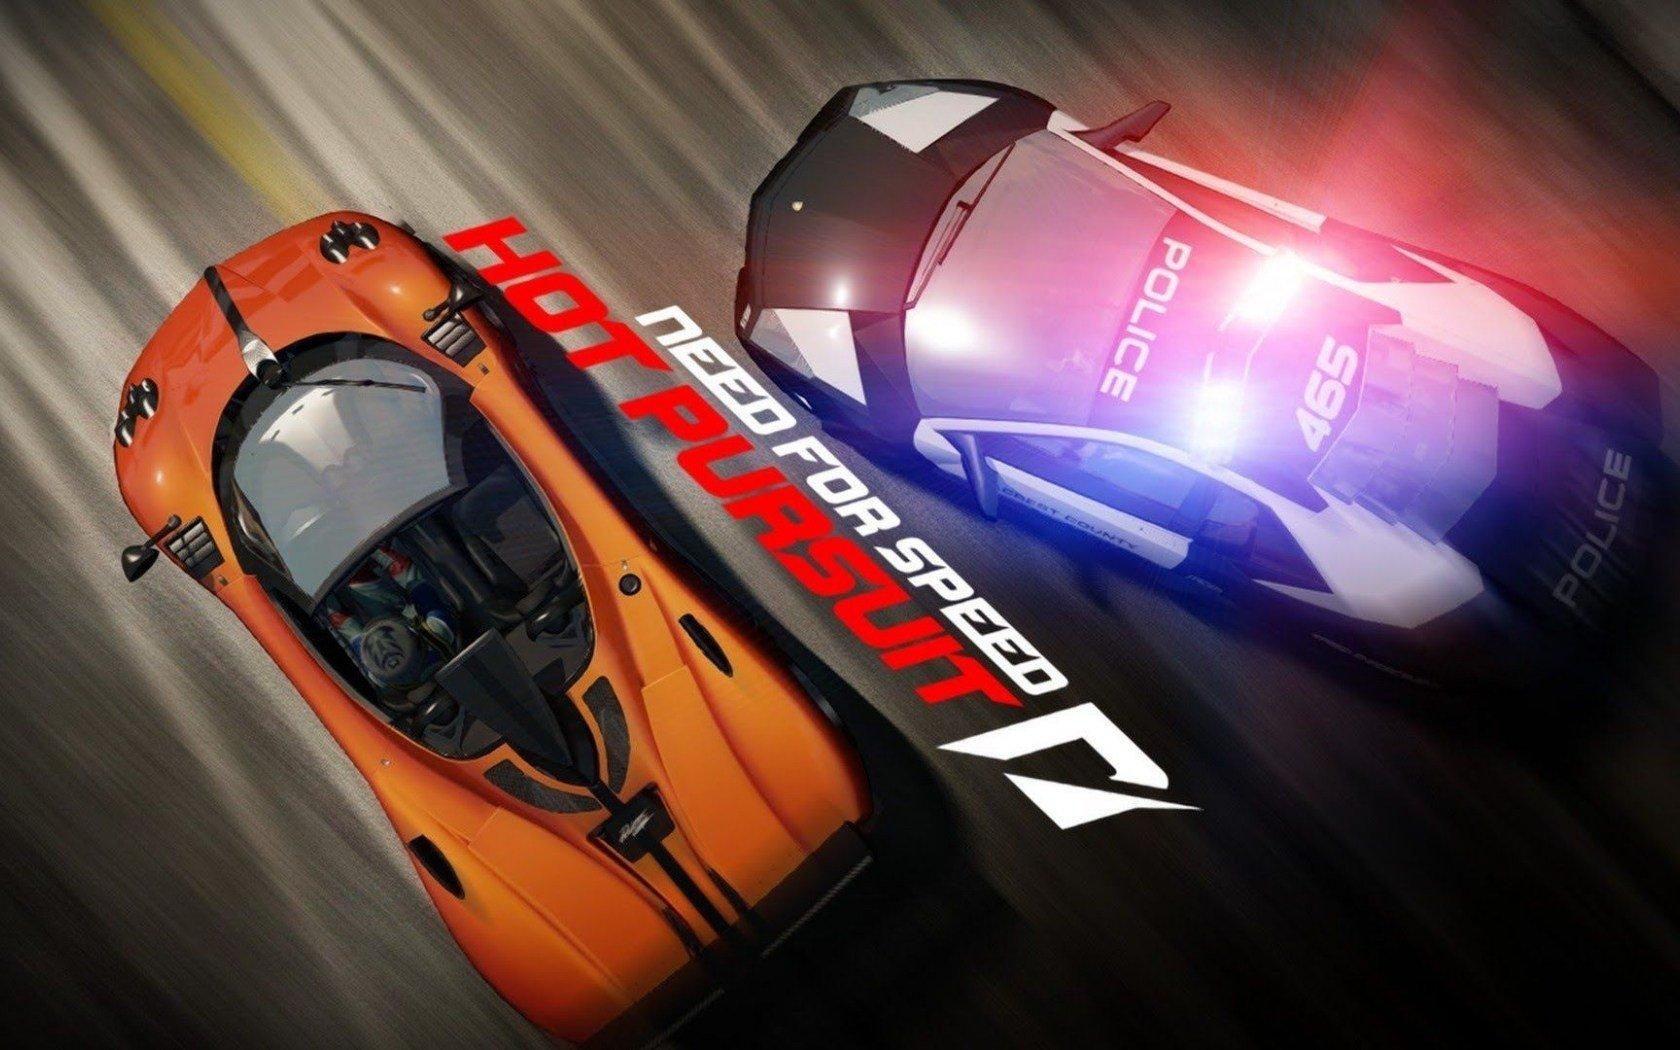 Uma listagem da versão de PS4 de Need for Speed Hot Pursuit Remastered foi vazada no reddit, confirmando o lançamento do game.